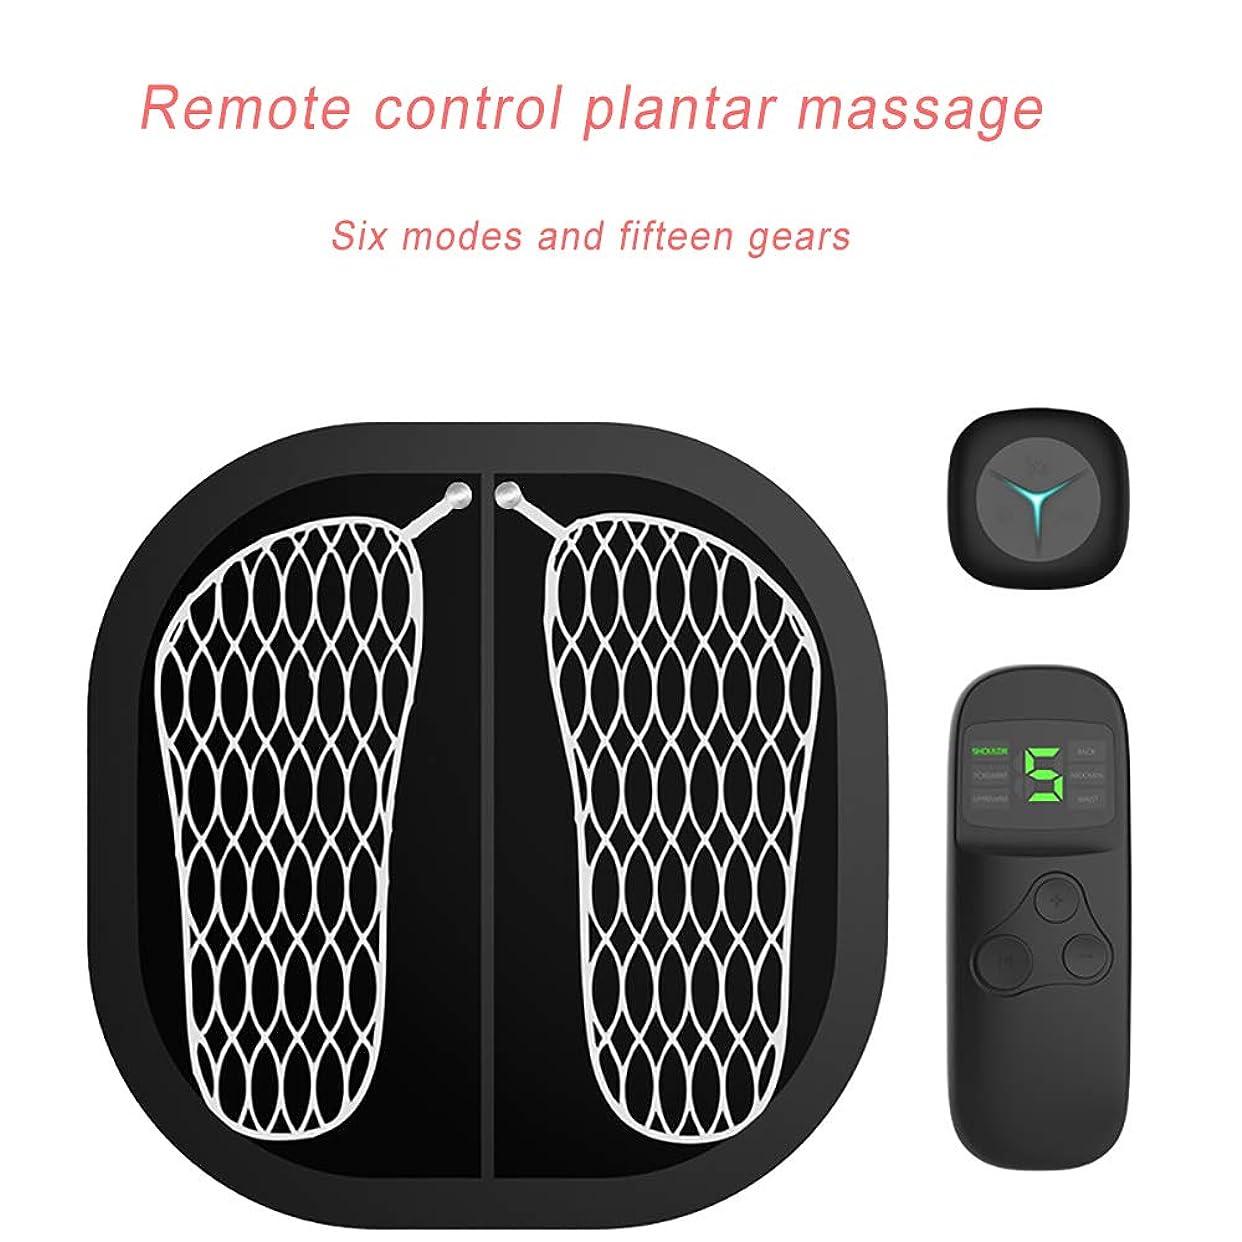 村儀式プラグEMSフットサーキュレーションマッサージ、多機能インテリジェントフットマッサージ、鍼治療のポイントを刺激、痛みを和らげ、疲労を軽減6モードUSB充電,Black